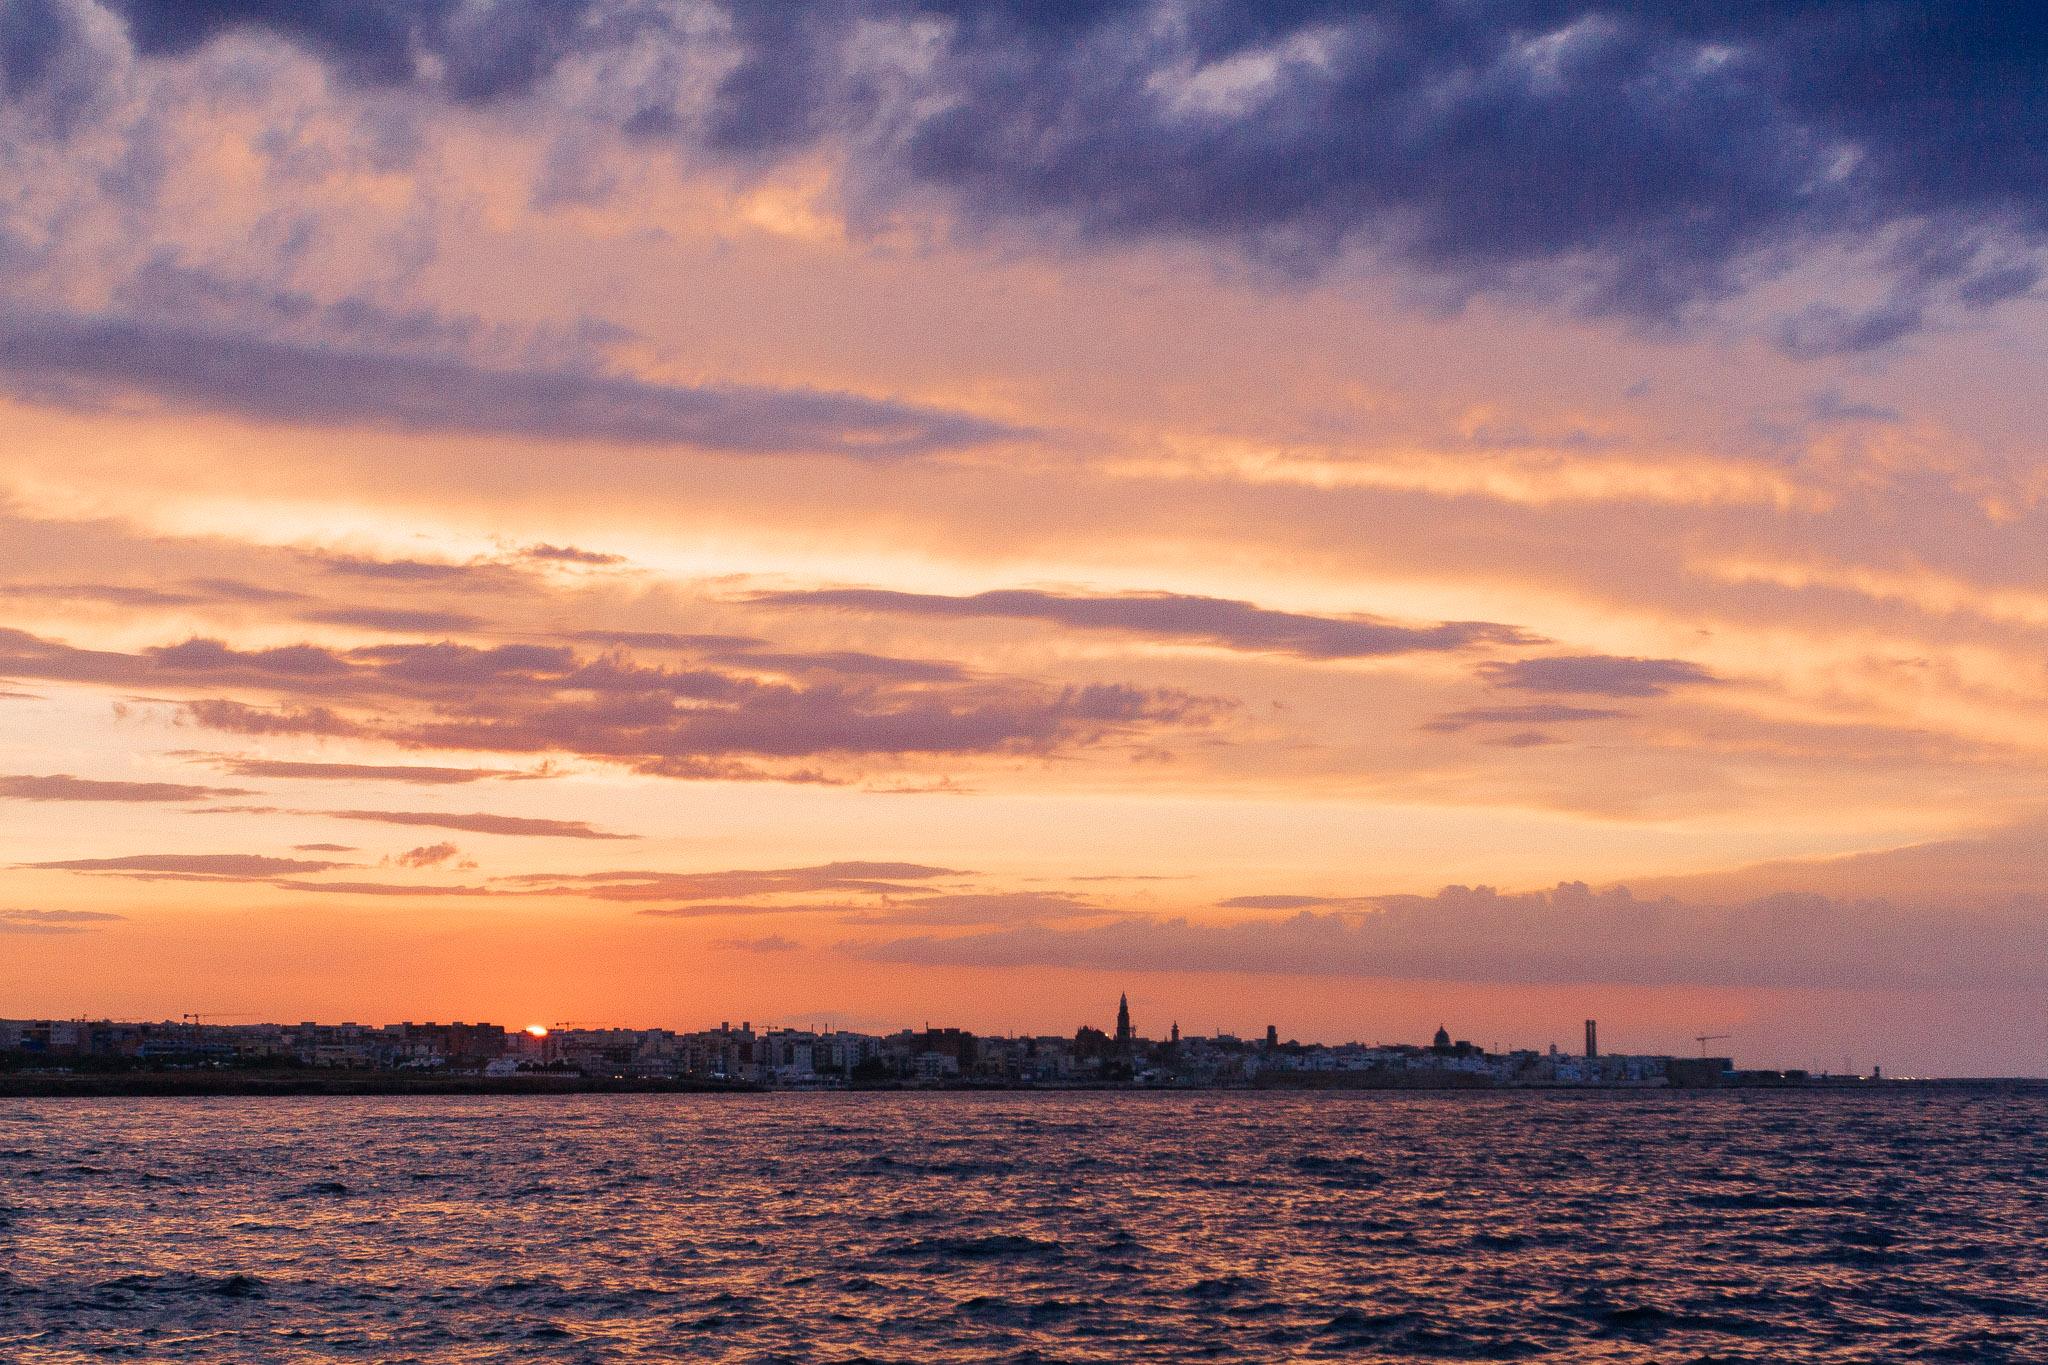 Dirigo Horizon - Viaggi Avventura - Escursioni in Barca, Coastline of Monopoli seen from the open sea